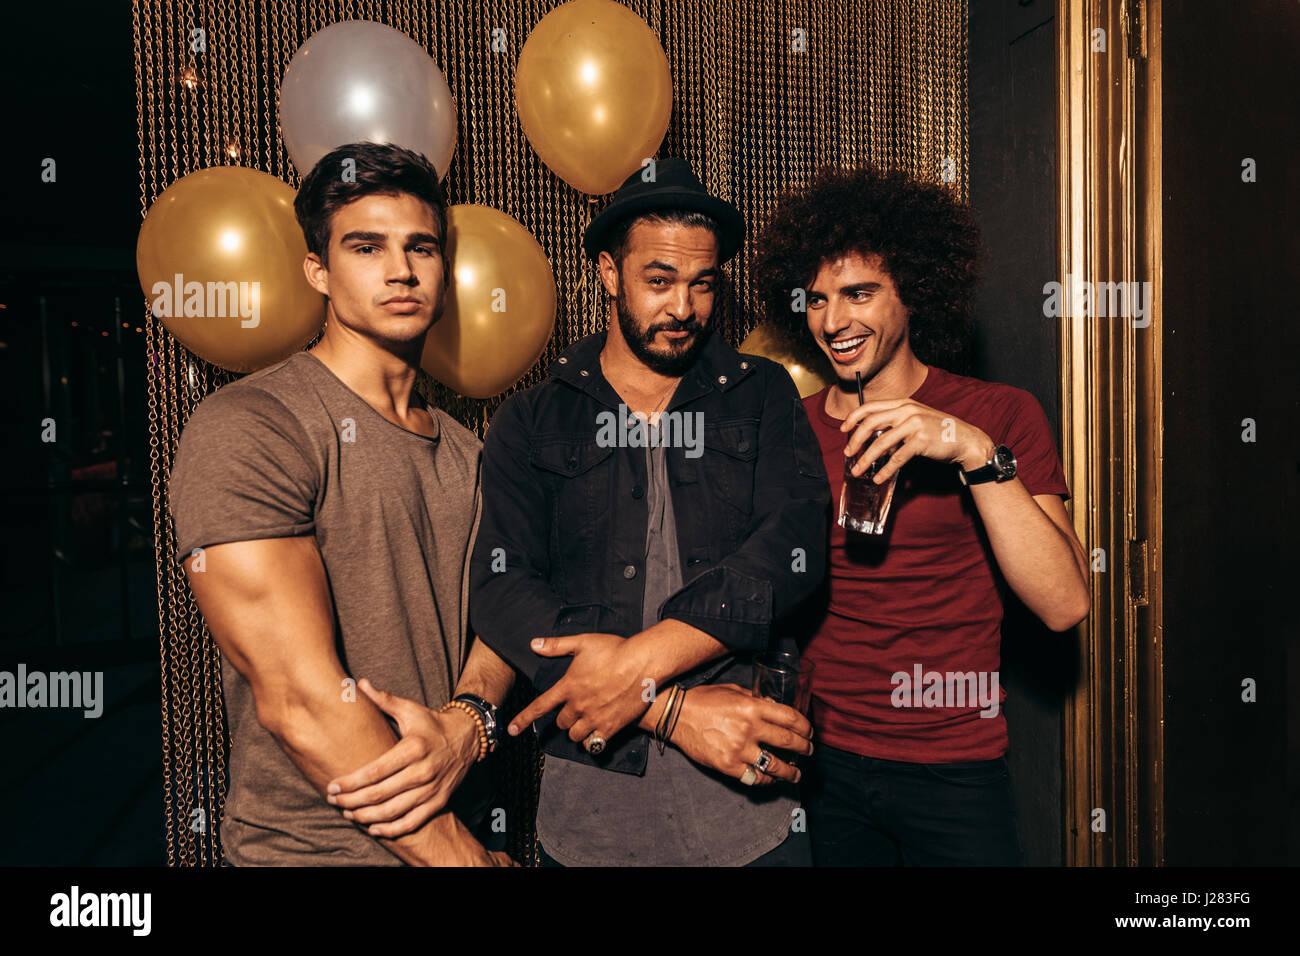 Ritratto di tre giovani uomini che partying al night club. Gruppo di uomini aventi buona volte al pub. Immagini Stock